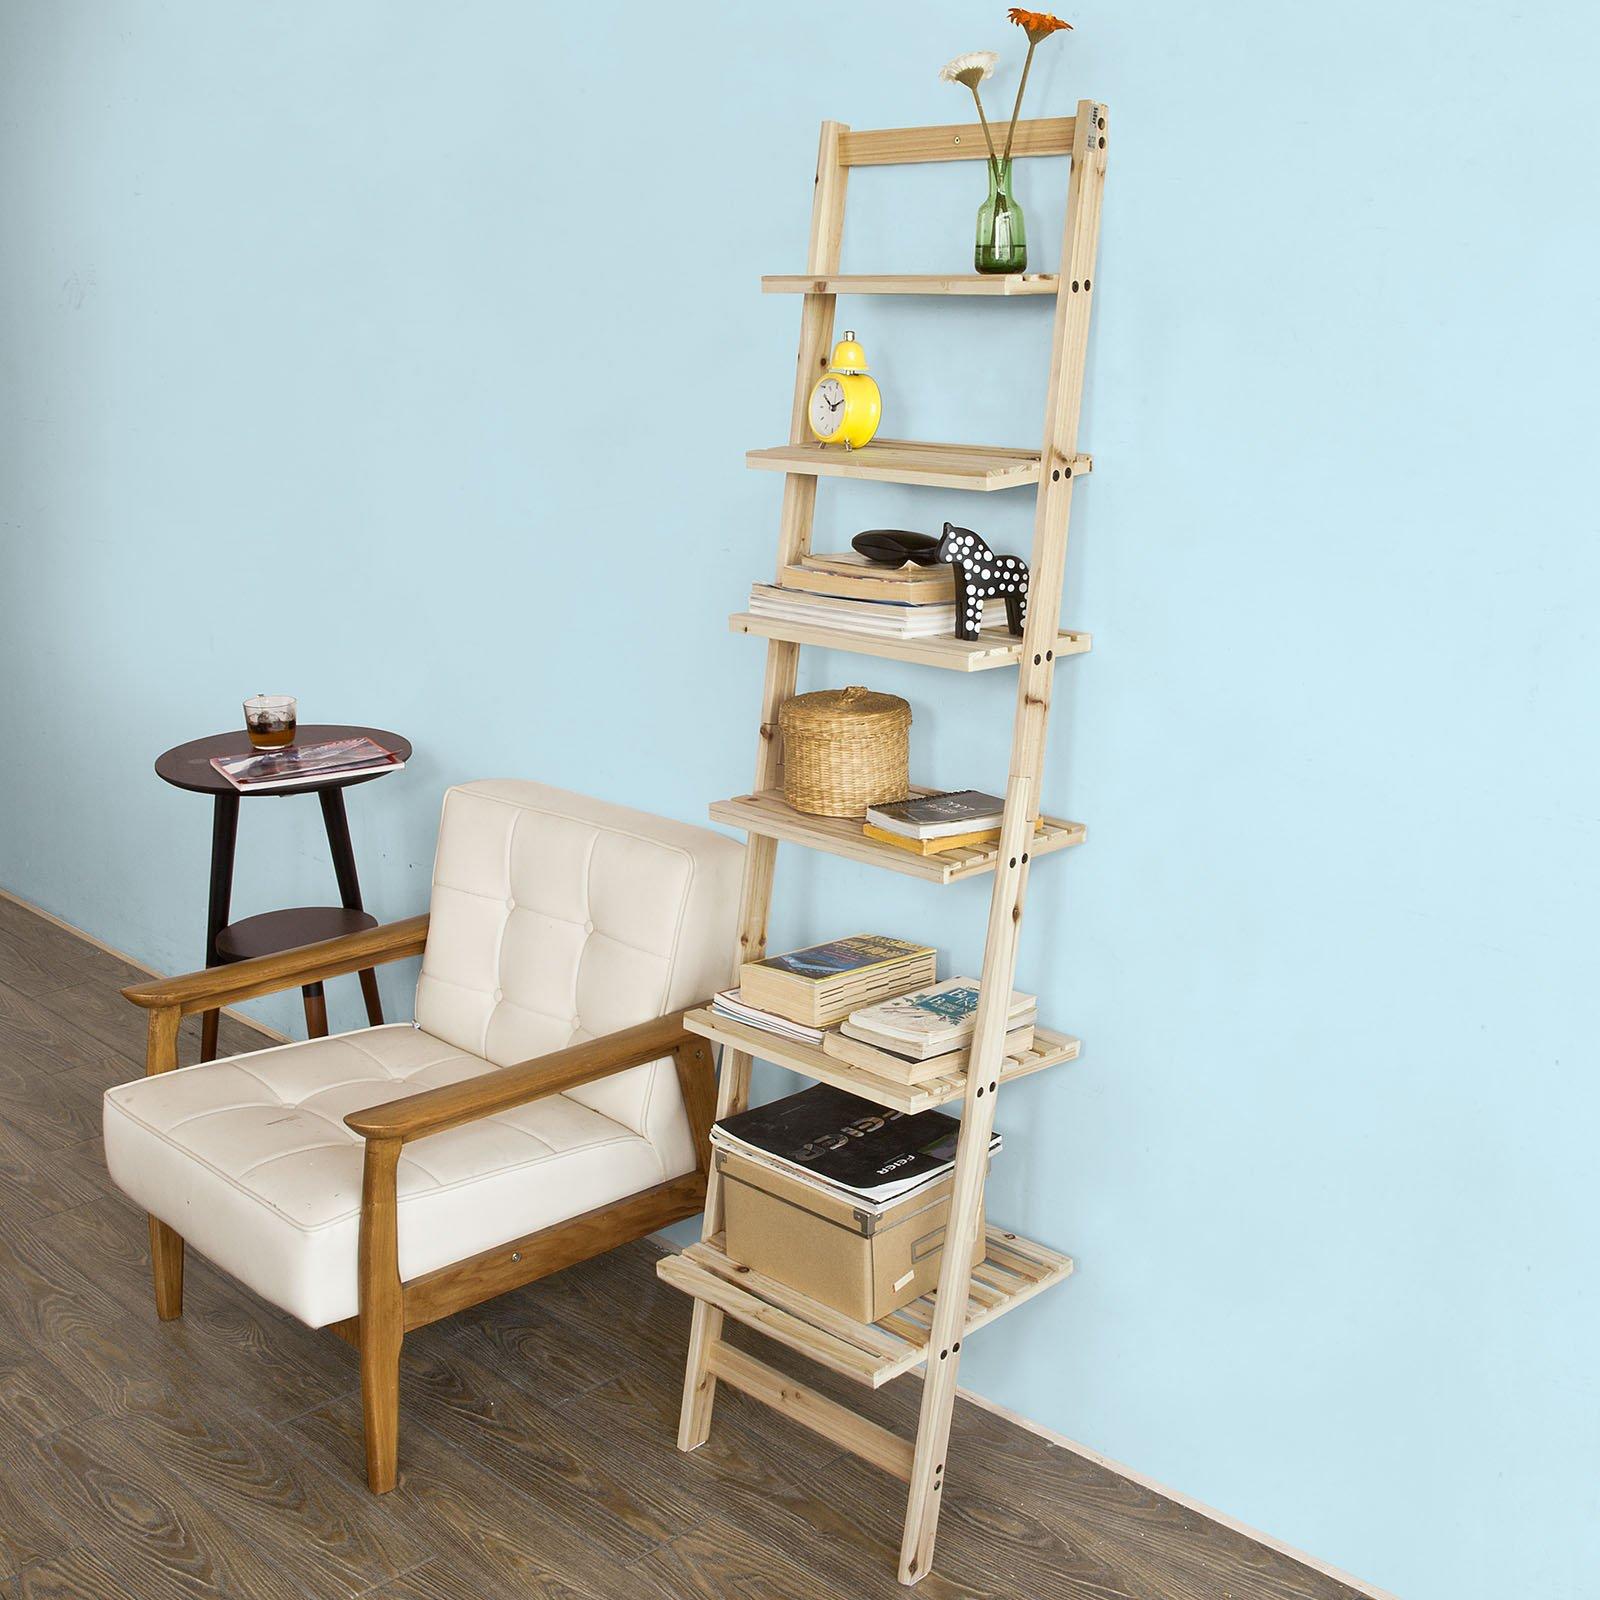 SoBuy® - Estantería de escalera, librería, ménsula esquinera, estantería modular, de cedro, cód. FRG161-N,IT: Amazon.es: Hogar